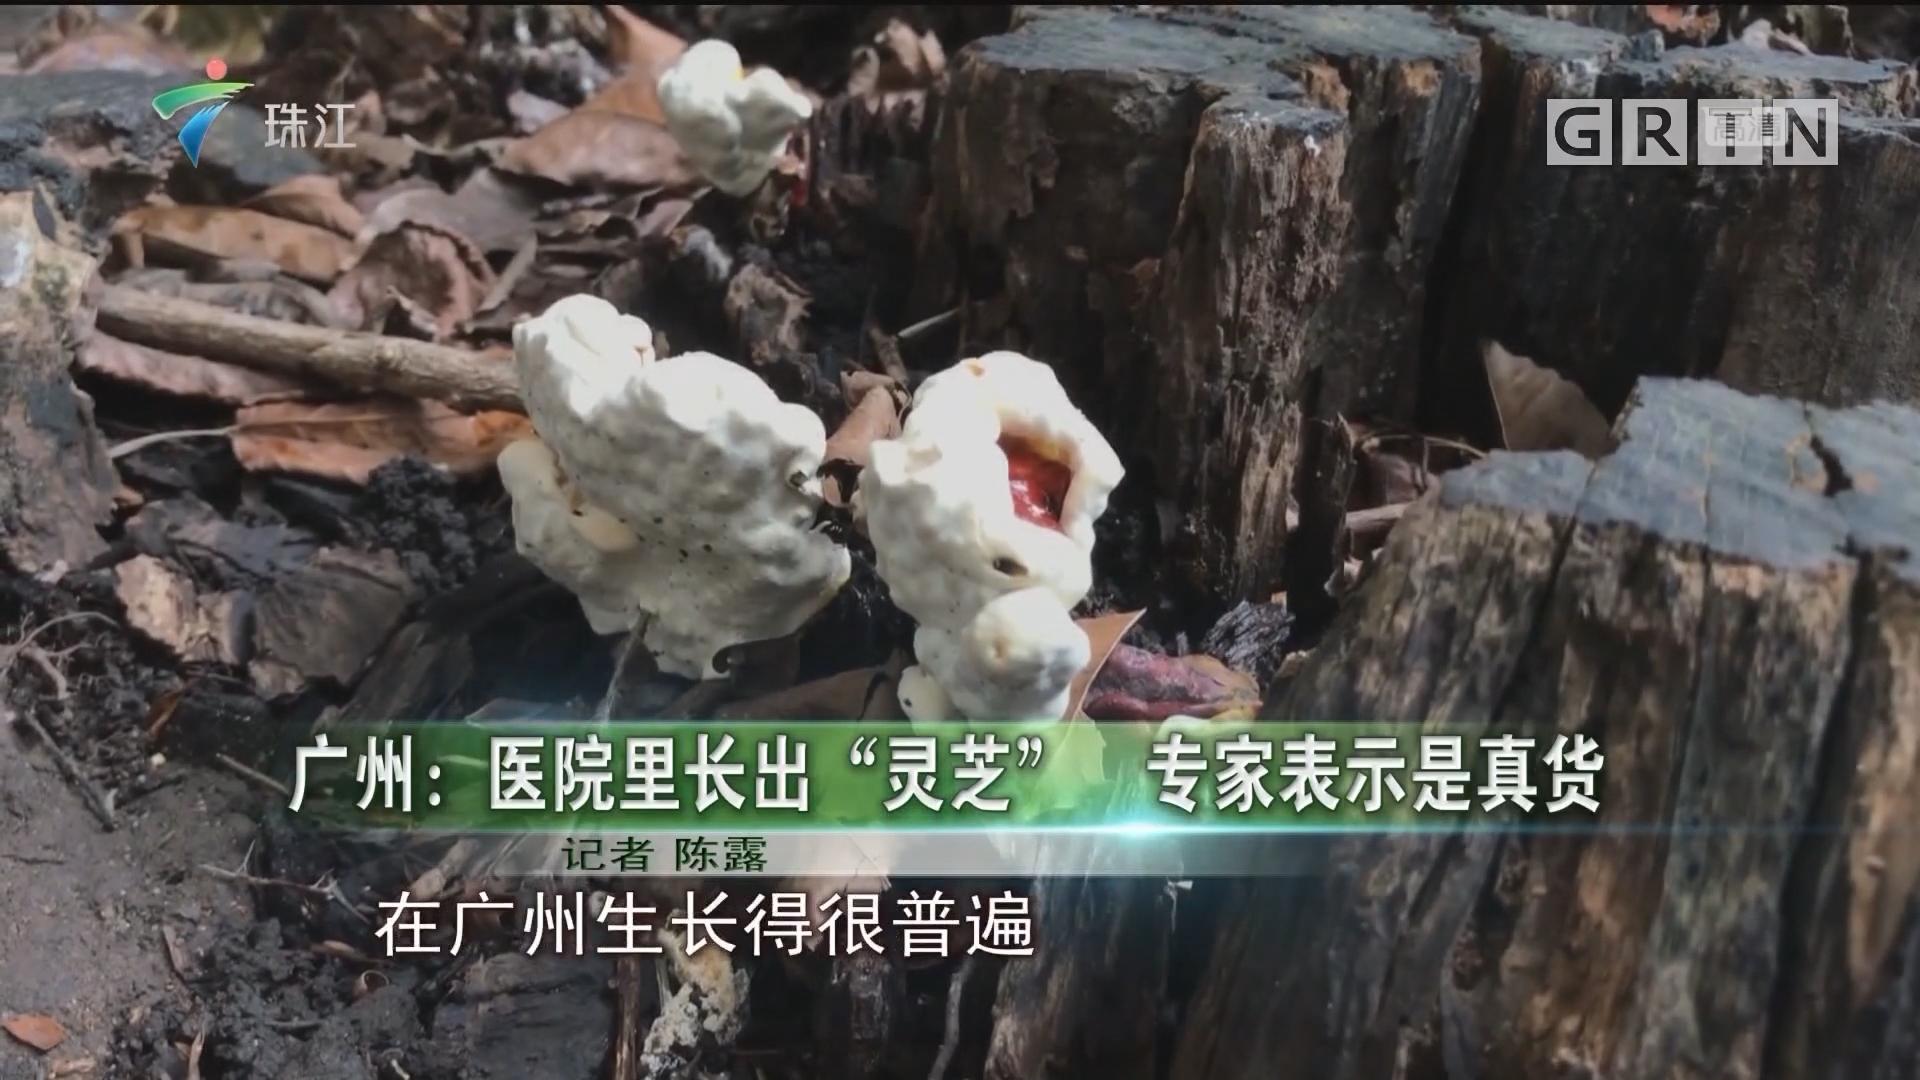 """广州:医院里长出""""灵芝"""" 专家表示是真货"""